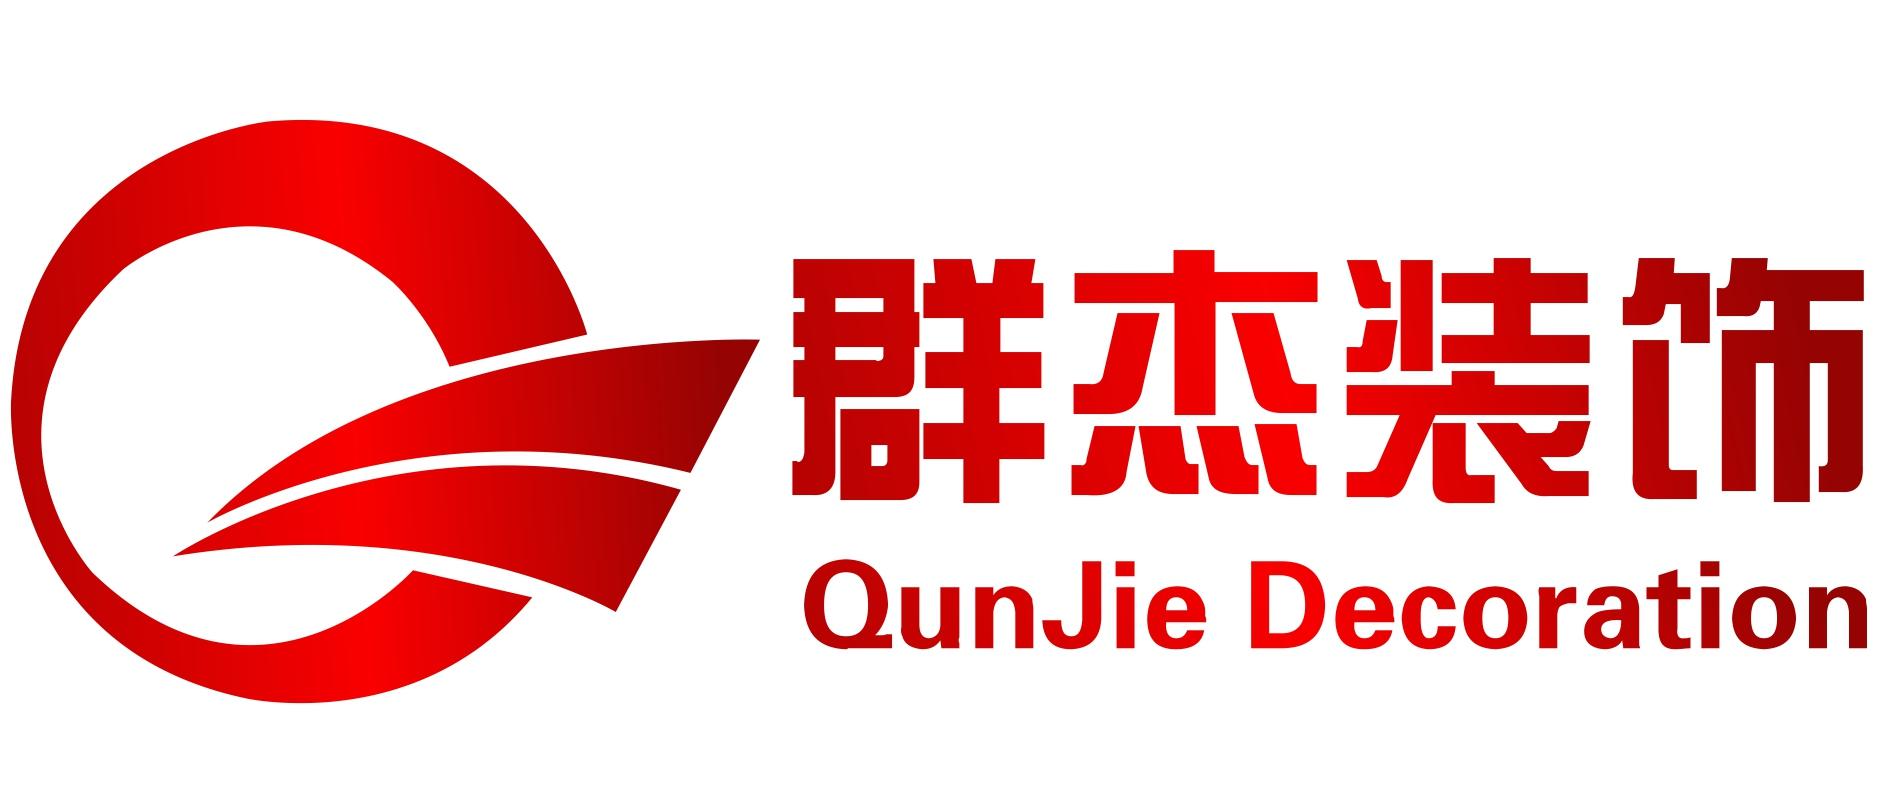 杭州群杰装饰工程有限公司